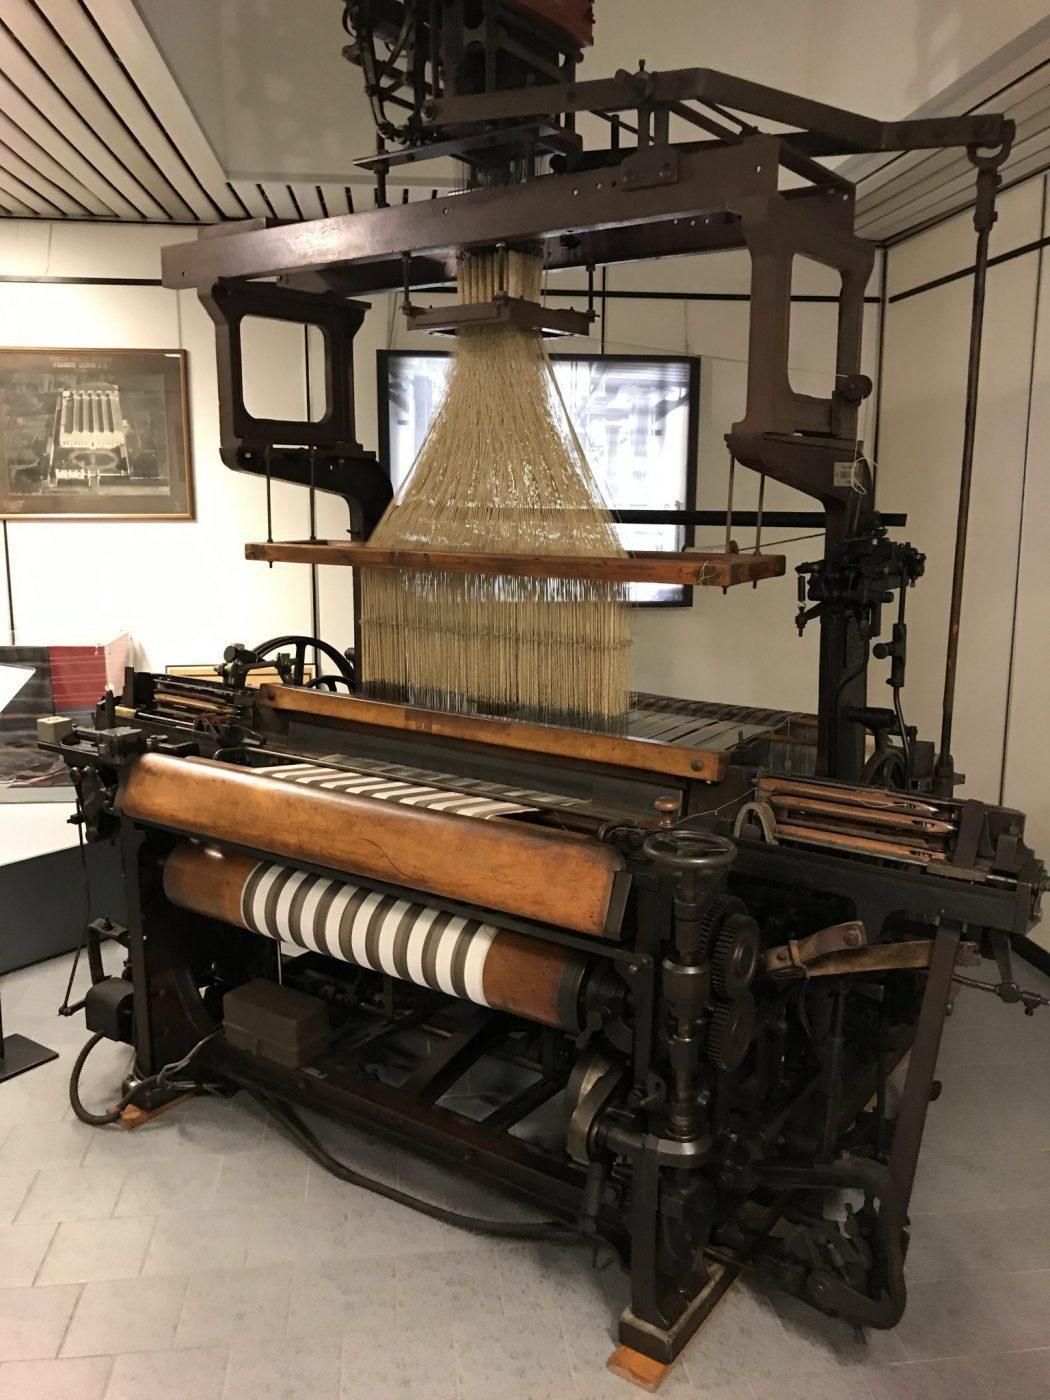 Museo della Seta Como, Como Silk Museum